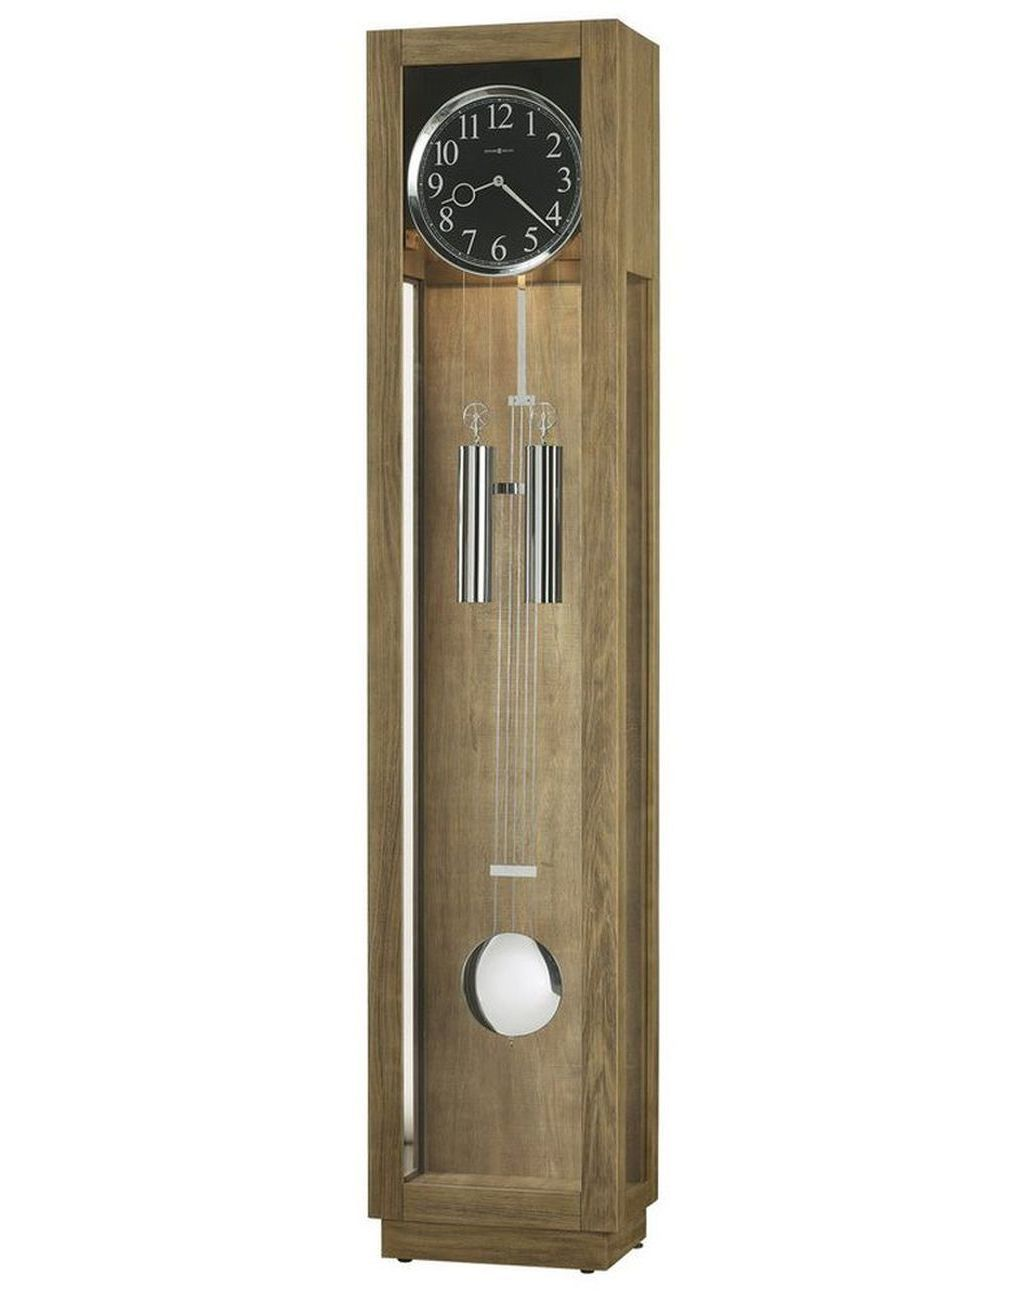 Часы напольные Часы напольные Howard Miller 611-228 Camlon chasy-napolnye-howard-miller-611-228-ssha.jpg